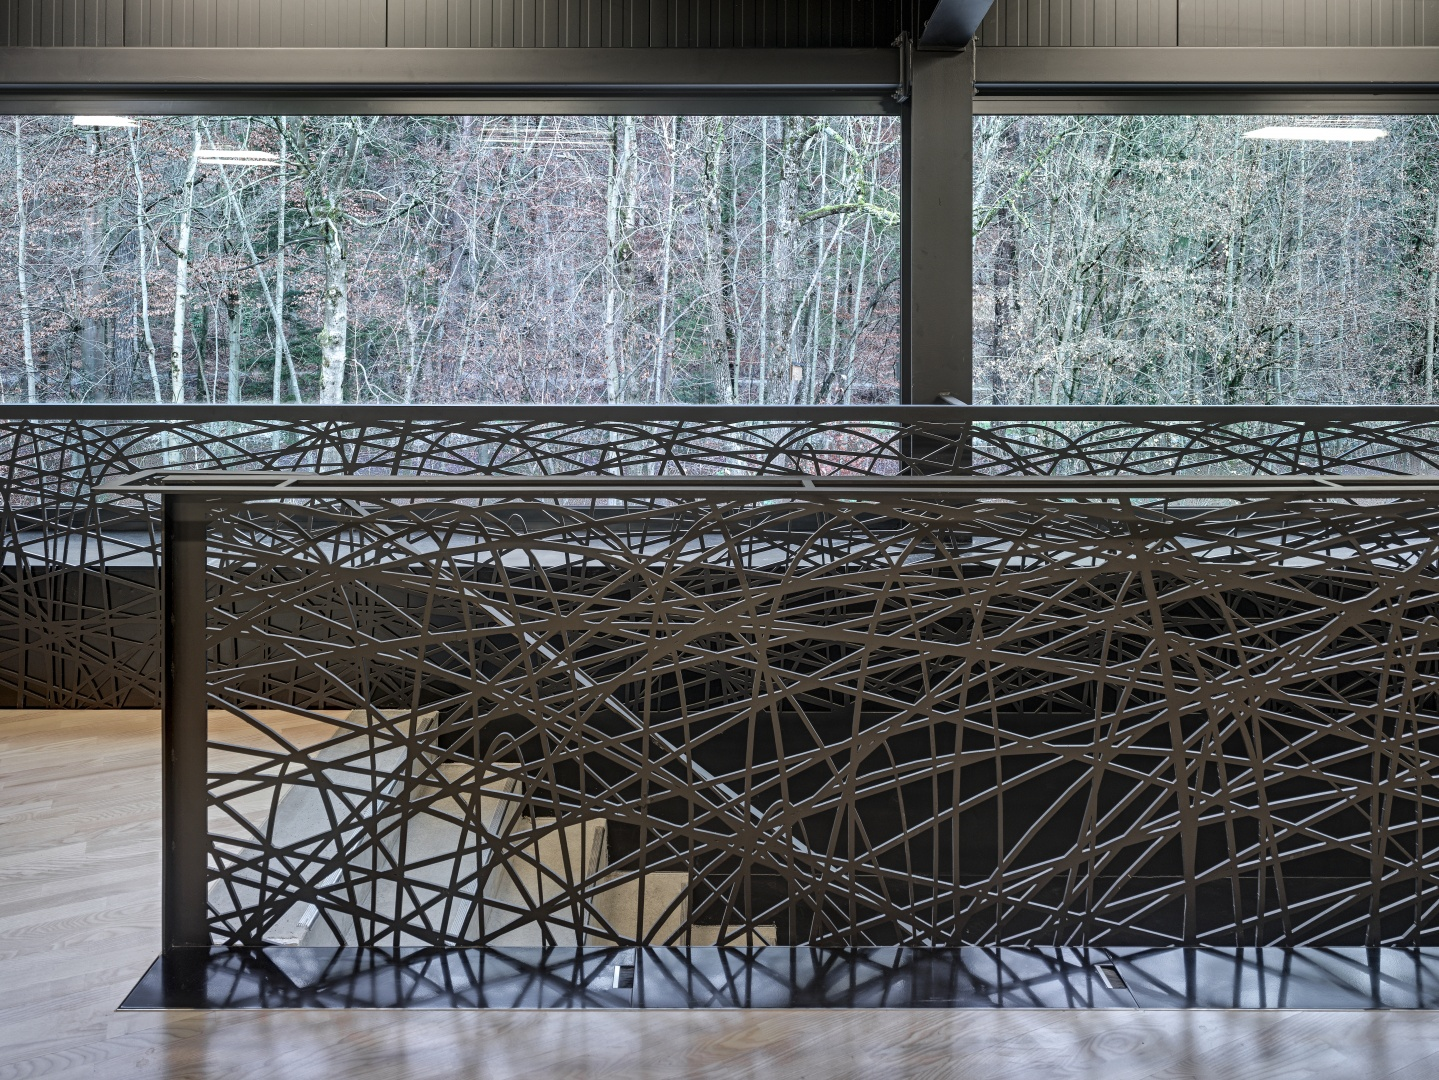 Treppenabgang mit Brüstung, inspiriert aus typischen Badminton-Schlagkurven © Roger Frei, Zürich